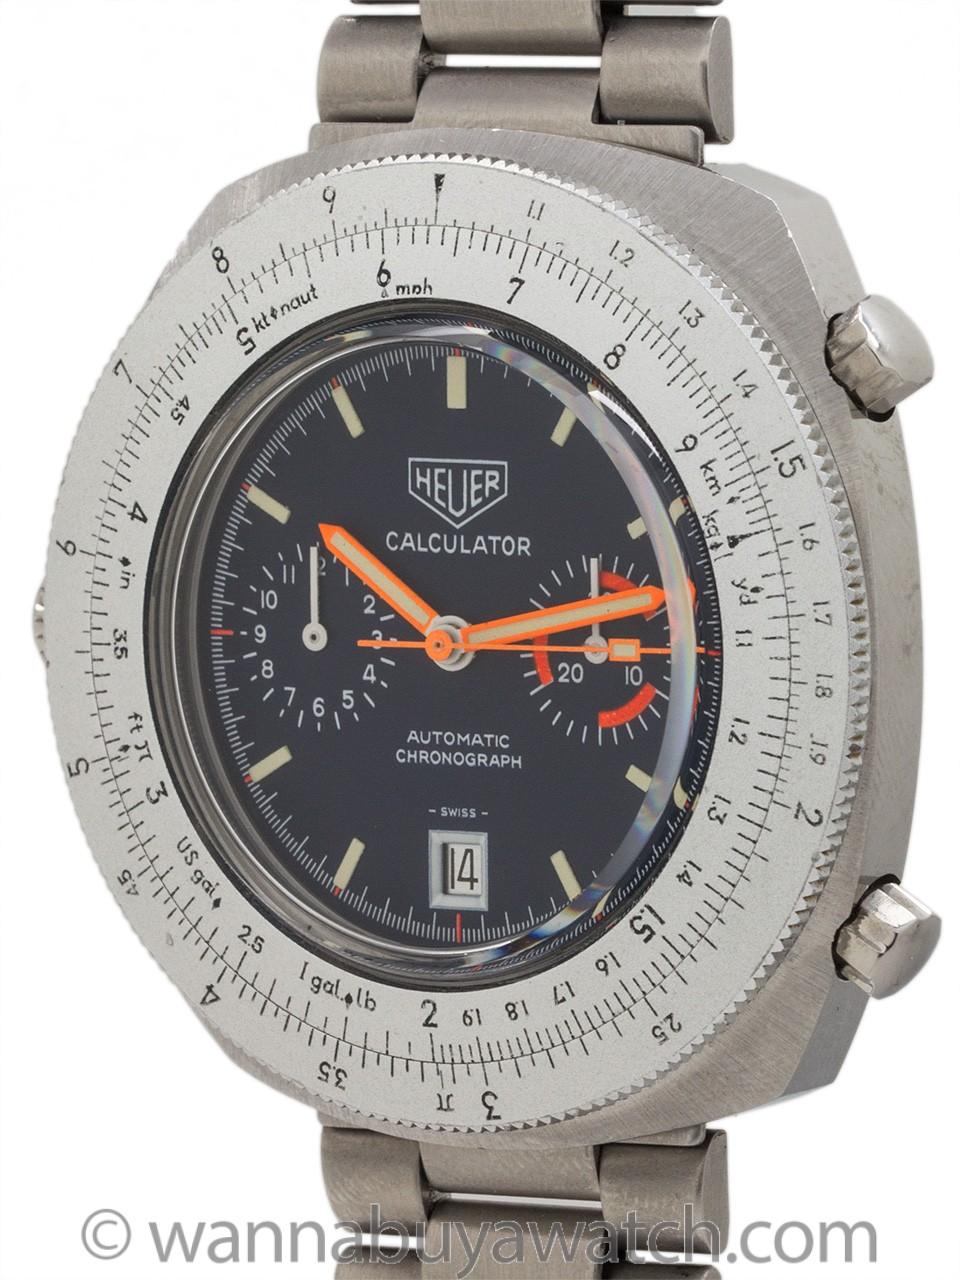 Heuer SS Calculator Chronograph circa 1977